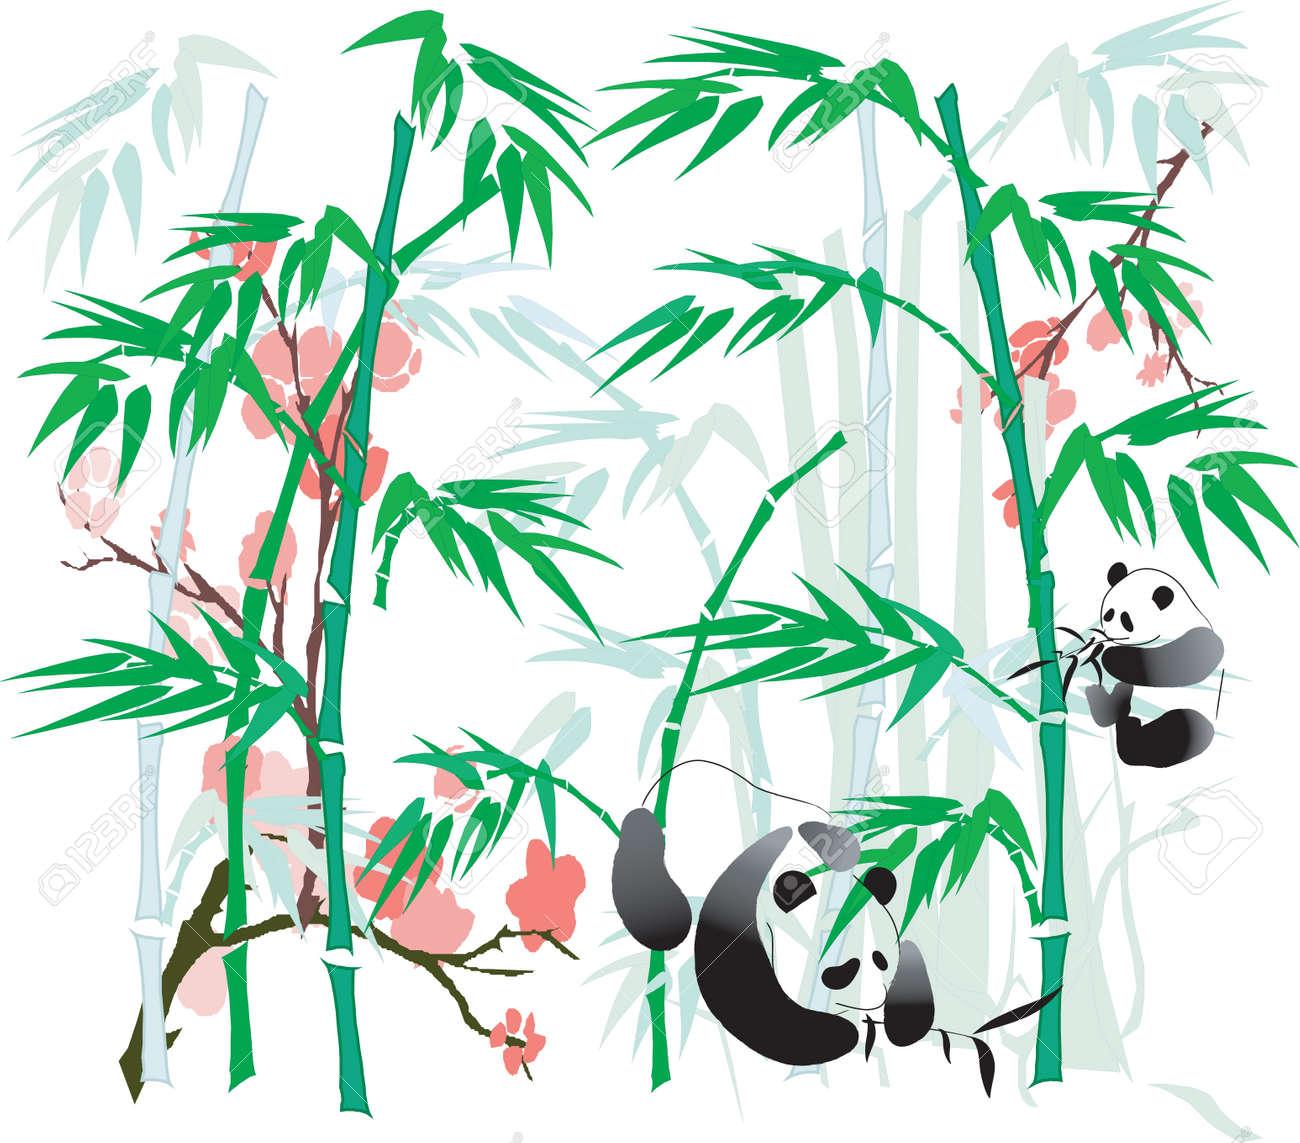 Panda and Bamboo abstract. Stock Vector - 4858325